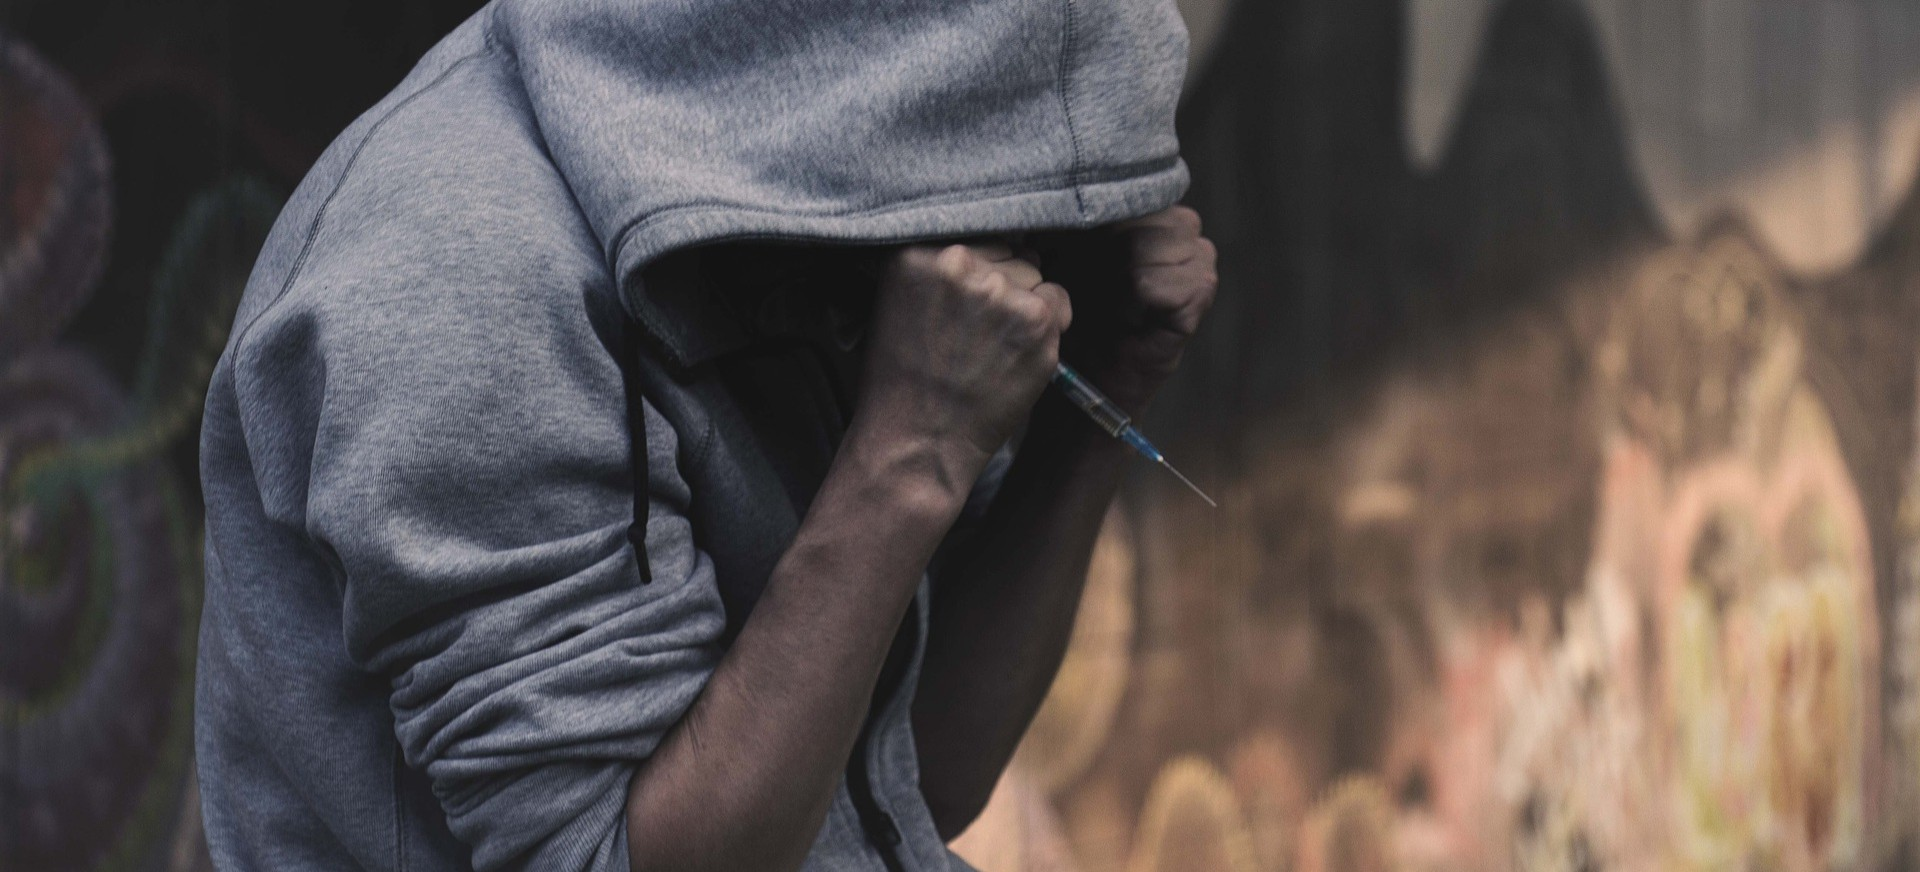 Walka z dopalaczami na Podkarpaciu. Zabezpieczono 15 kg śmiercionośnych substancji (ZDJĘCIA)